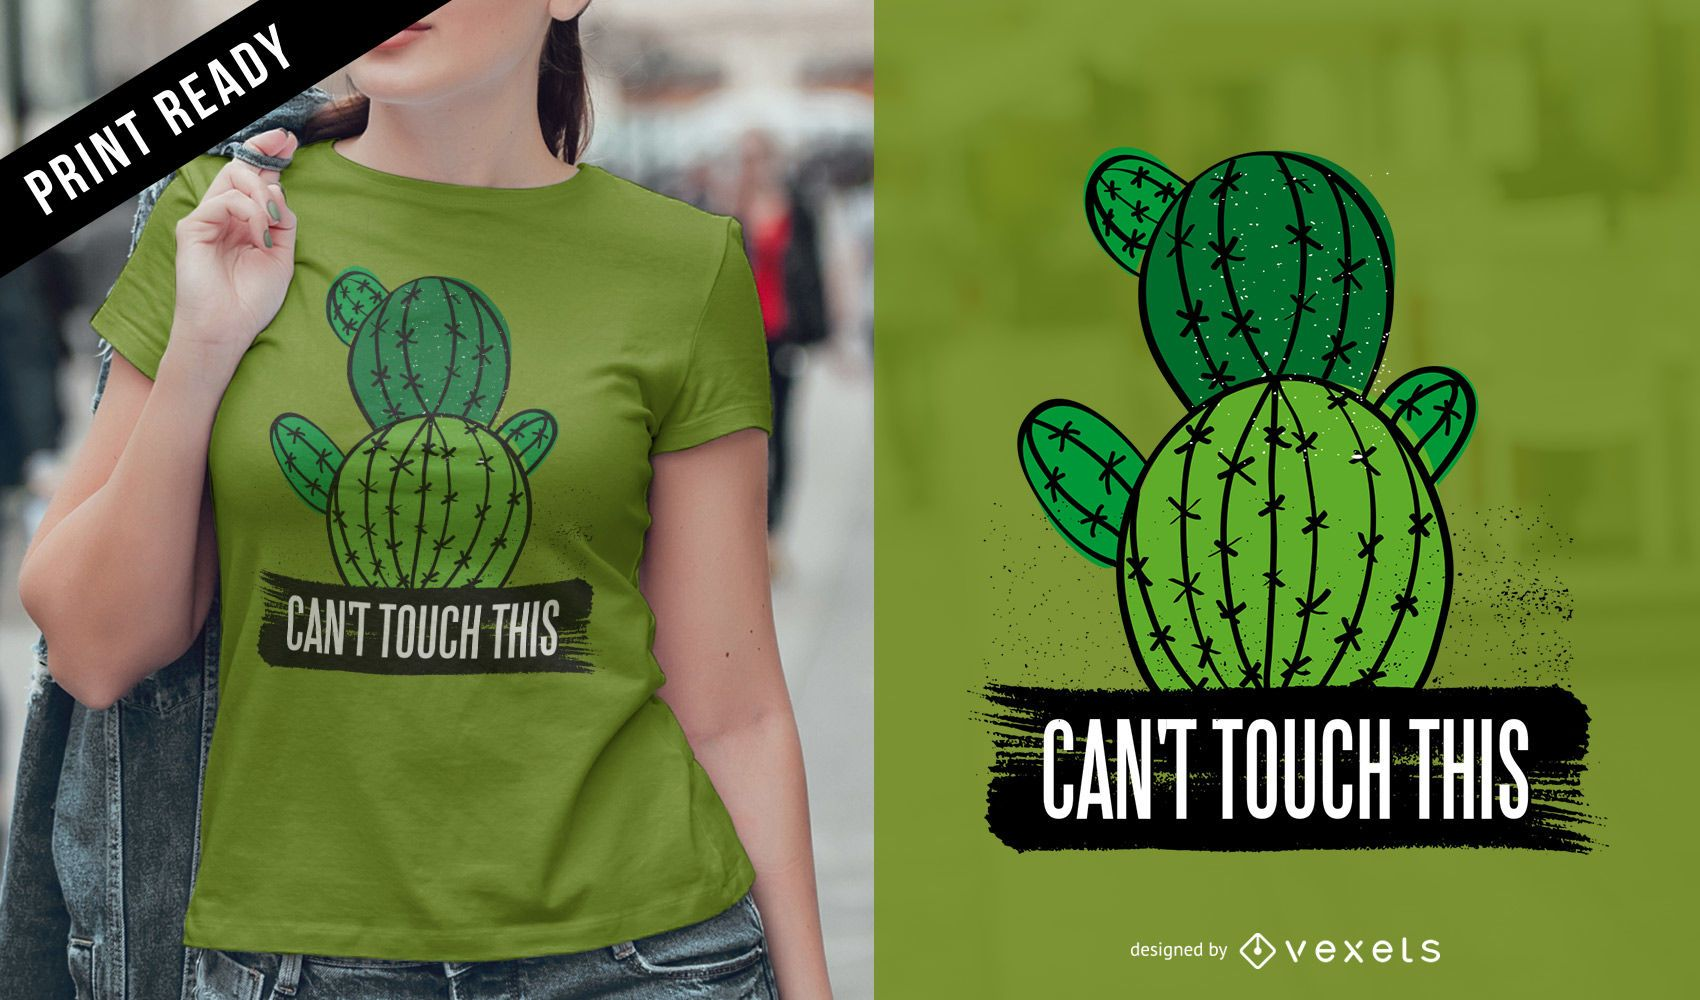 Não consigo mexer no design da camiseta